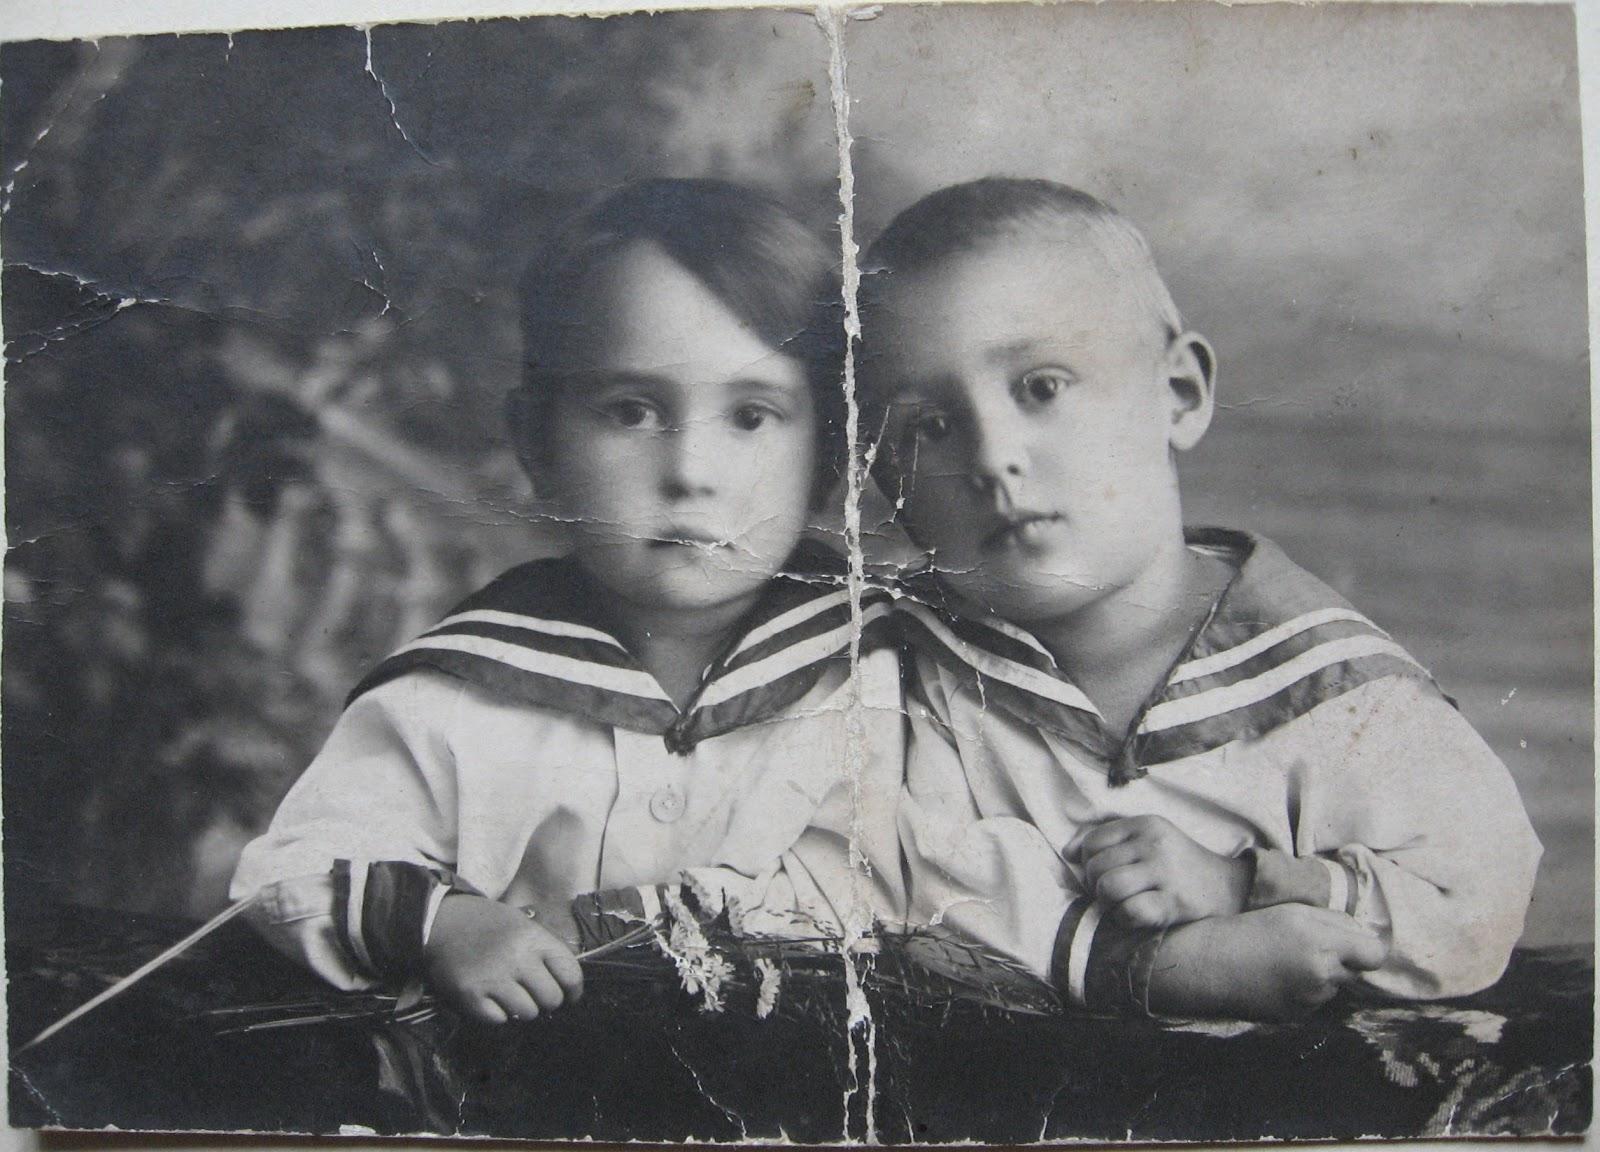 Как живые: наш опыт редактирования старых фотографий - 10